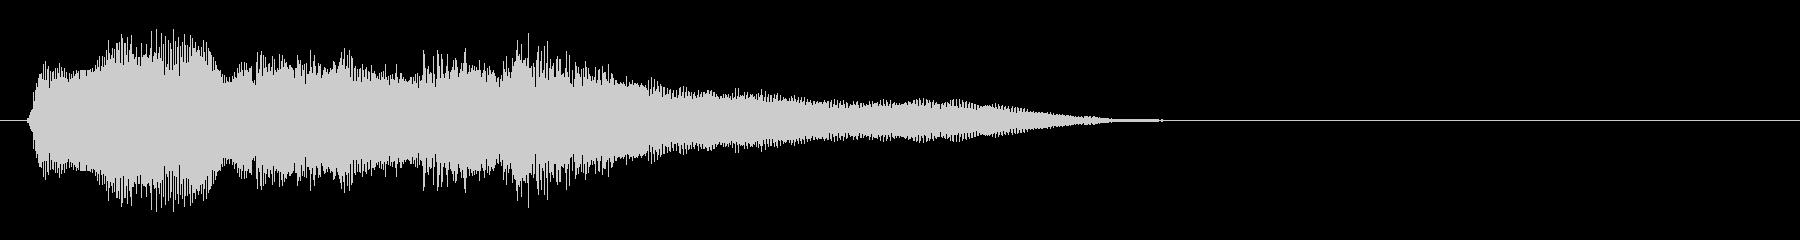 クラリネットとアコギのおやすみ風ジングルの未再生の波形